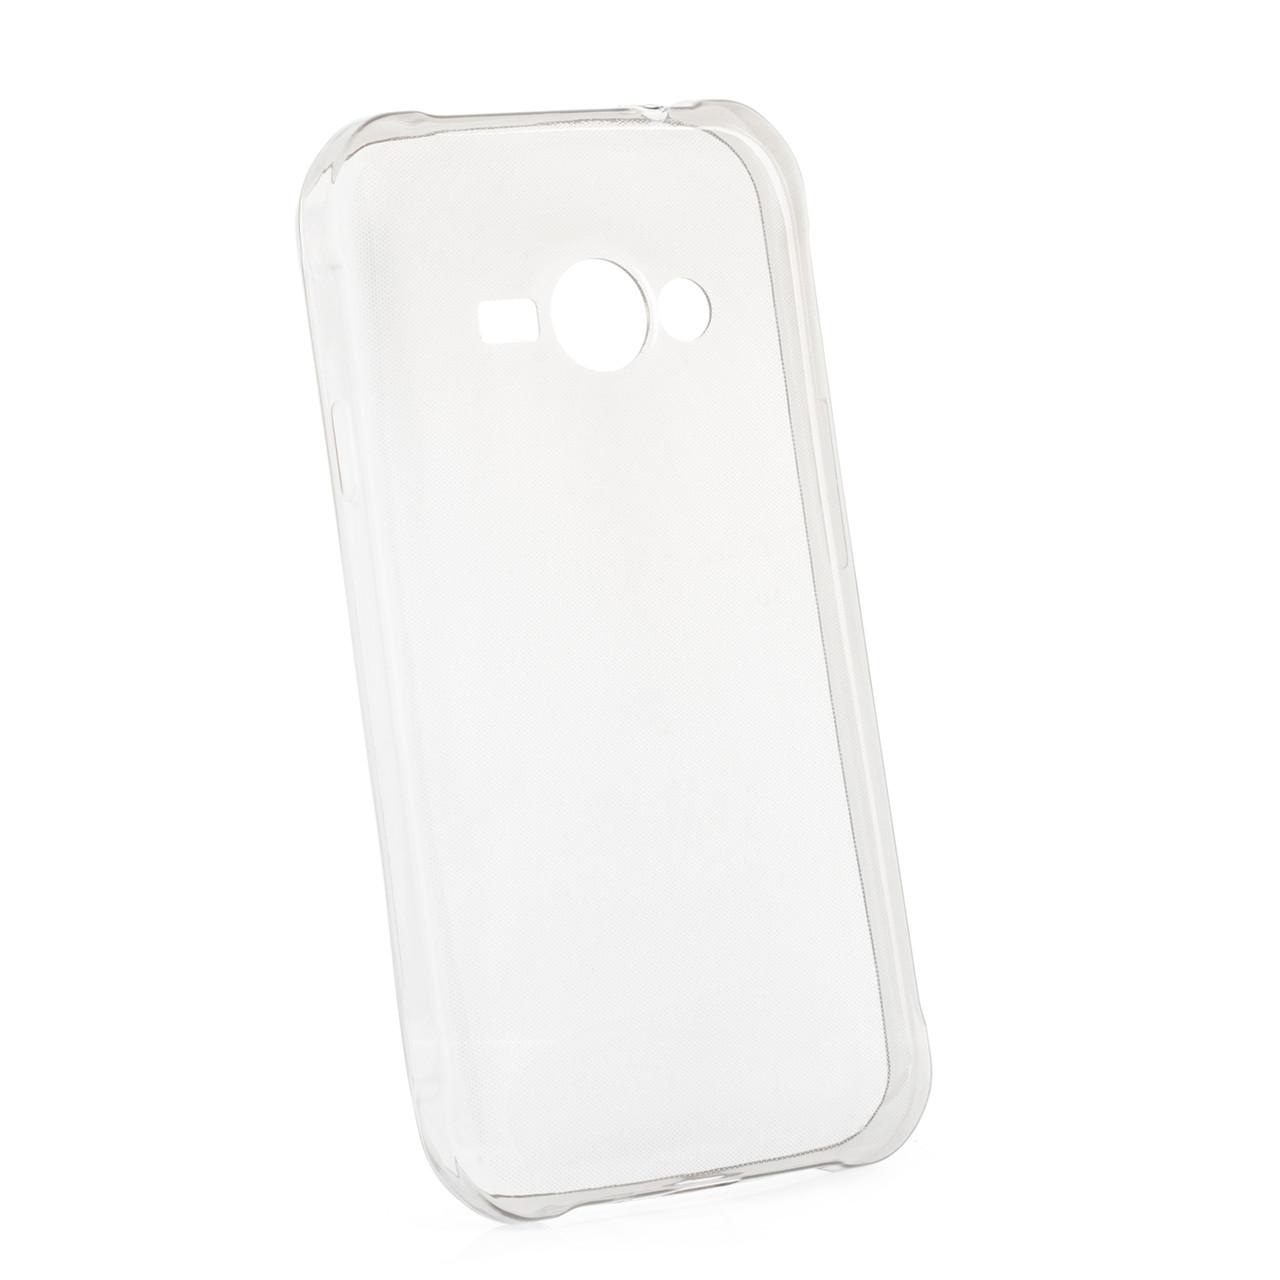 Чохол-накладка TPU для Samsung J110 J1 Duos Ultra-thin ser. Прозорий/безколірний